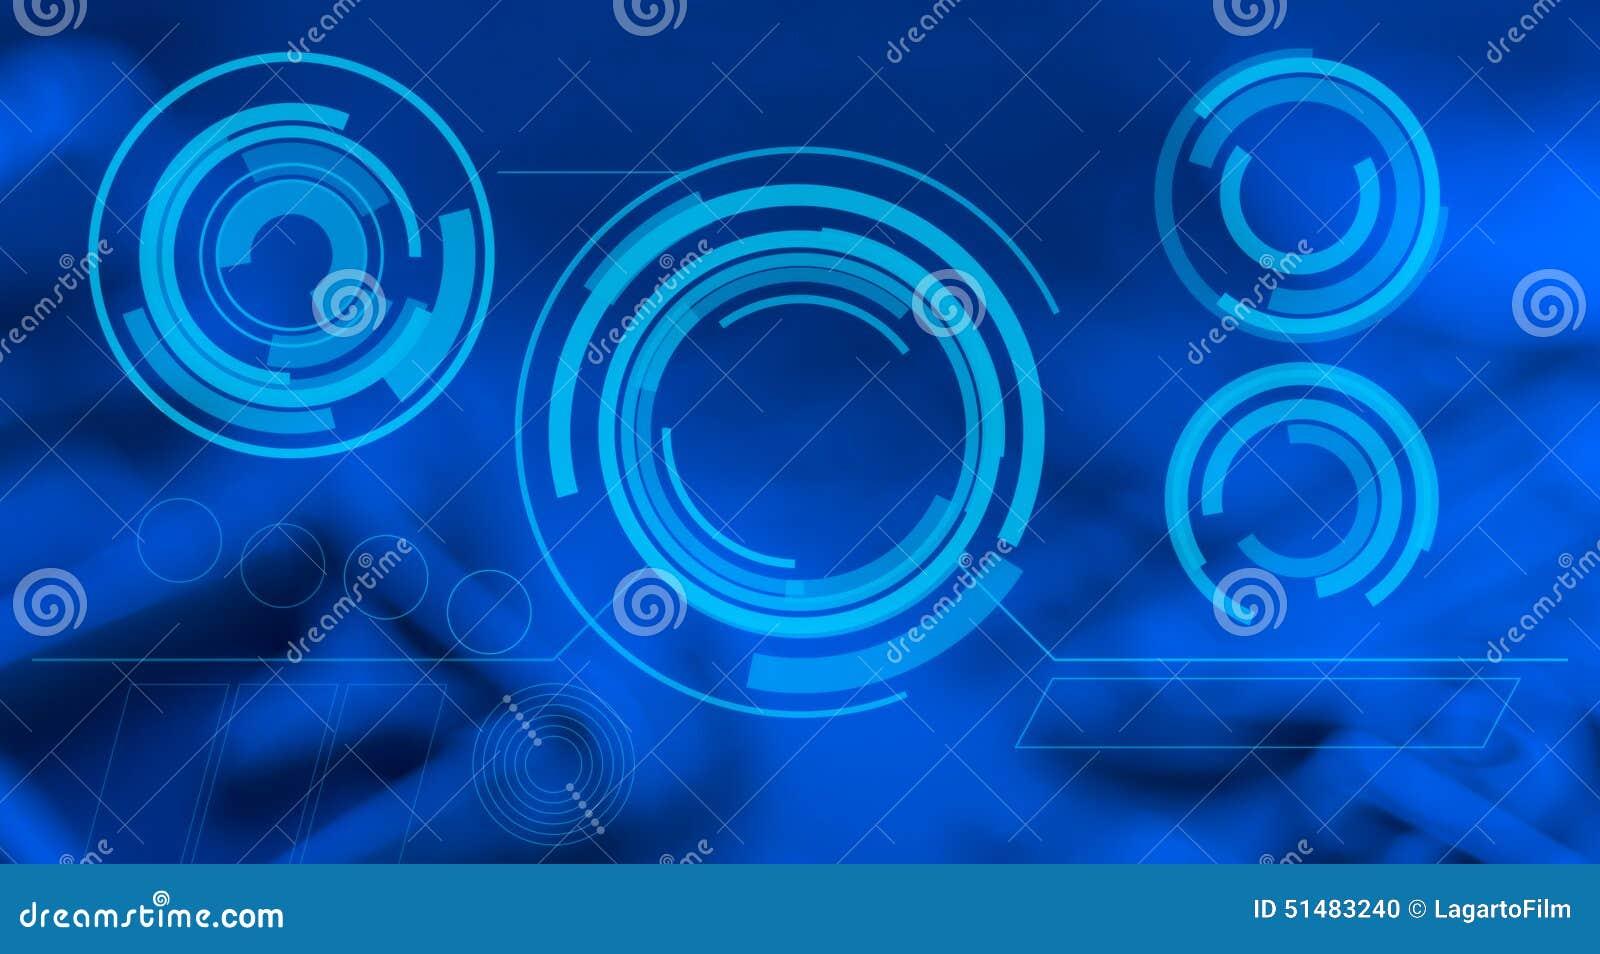 Futuristic Blue Wallpaper Abstract Design Stock Photo